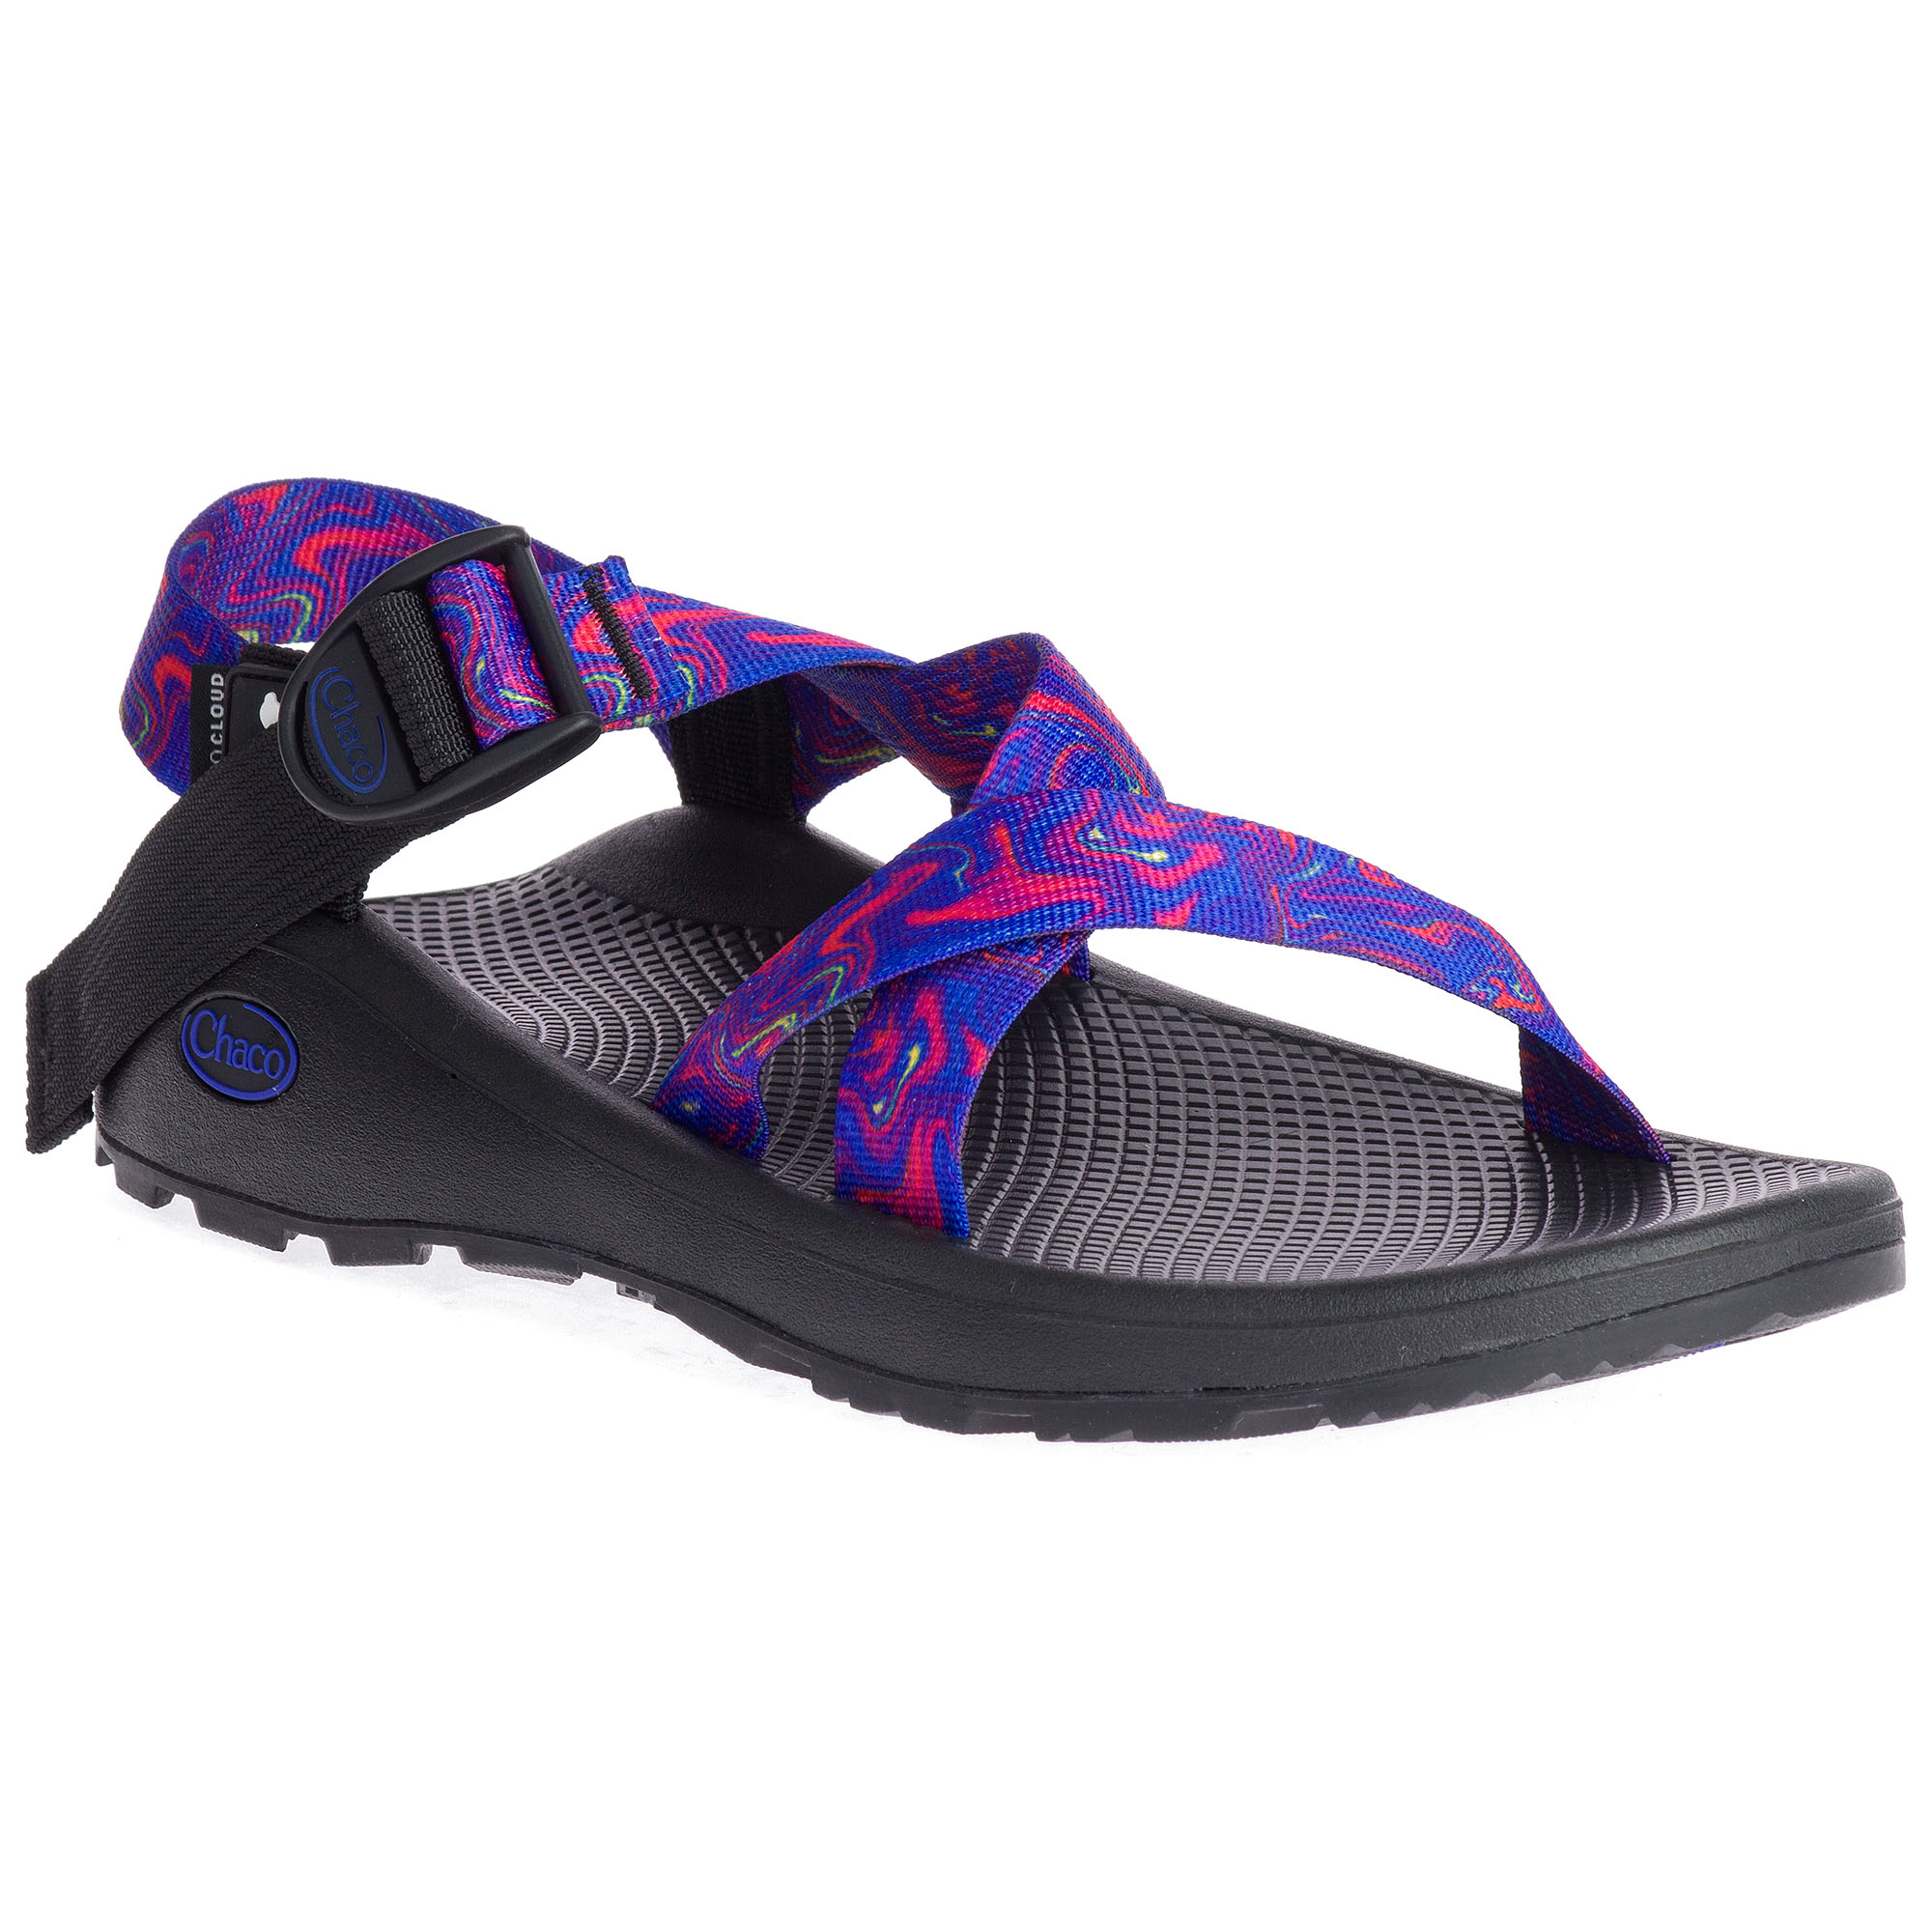 Chaco Men's Z/Cloud Woodstock Sandals